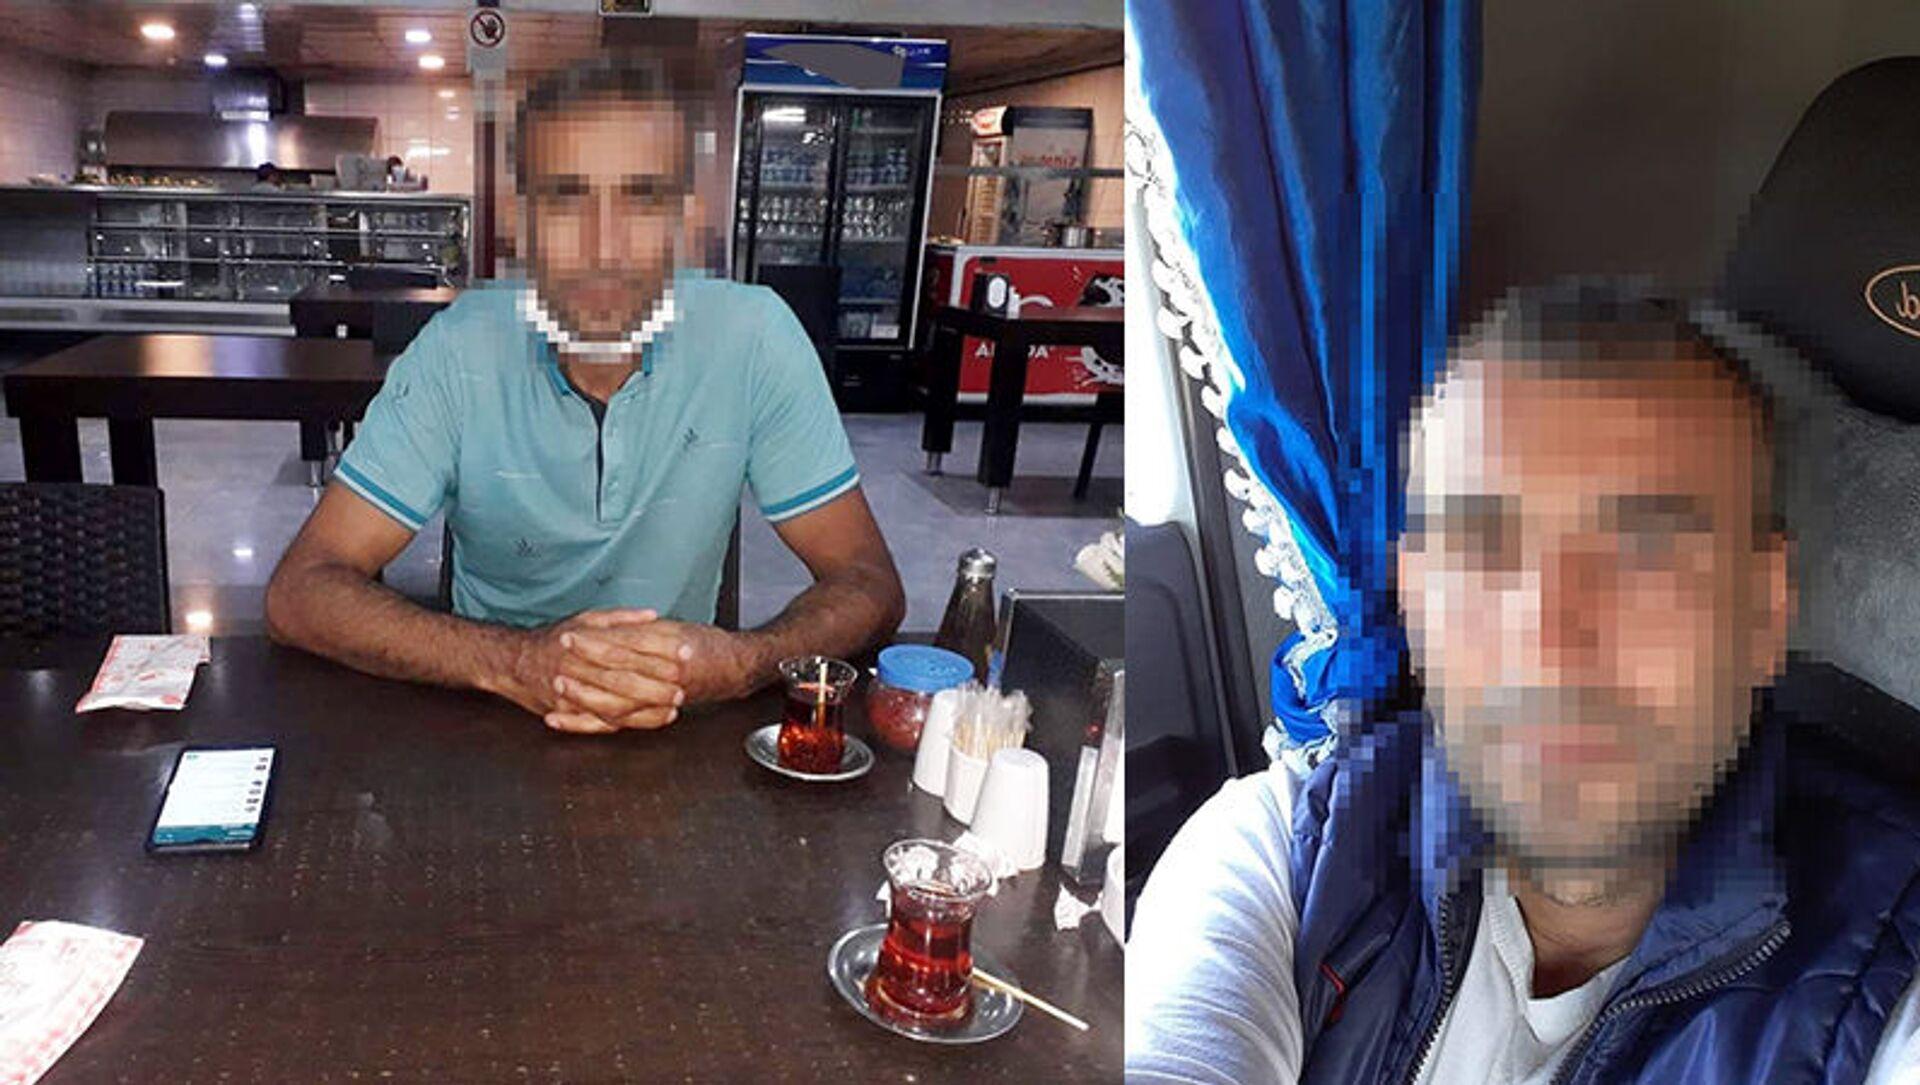 Kızına cinsel tacizde bulunduğu iddiasıyla gözaltına alındı, götürüldüğü hastaneden firar etti - Sputnik Türkiye, 1920, 08.07.2021